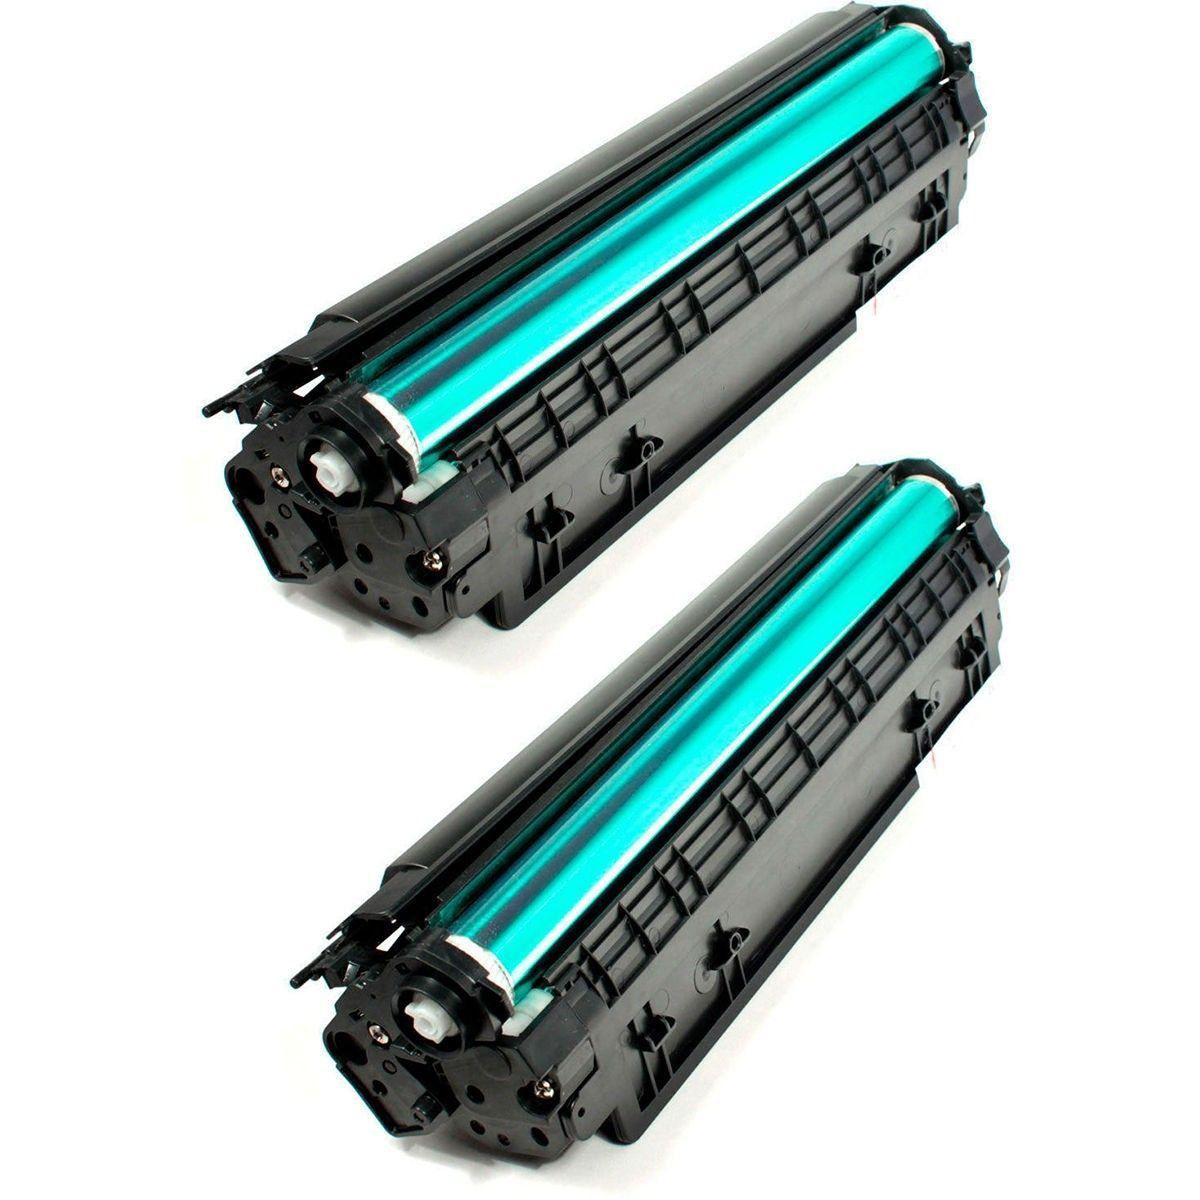 Compatível: Kit 2x Toner 435A 436A 285A para HP P1102w P1102 M1132 M1210 M1212 P1005 P1006 P1505 M1120 / Preto / 1.800